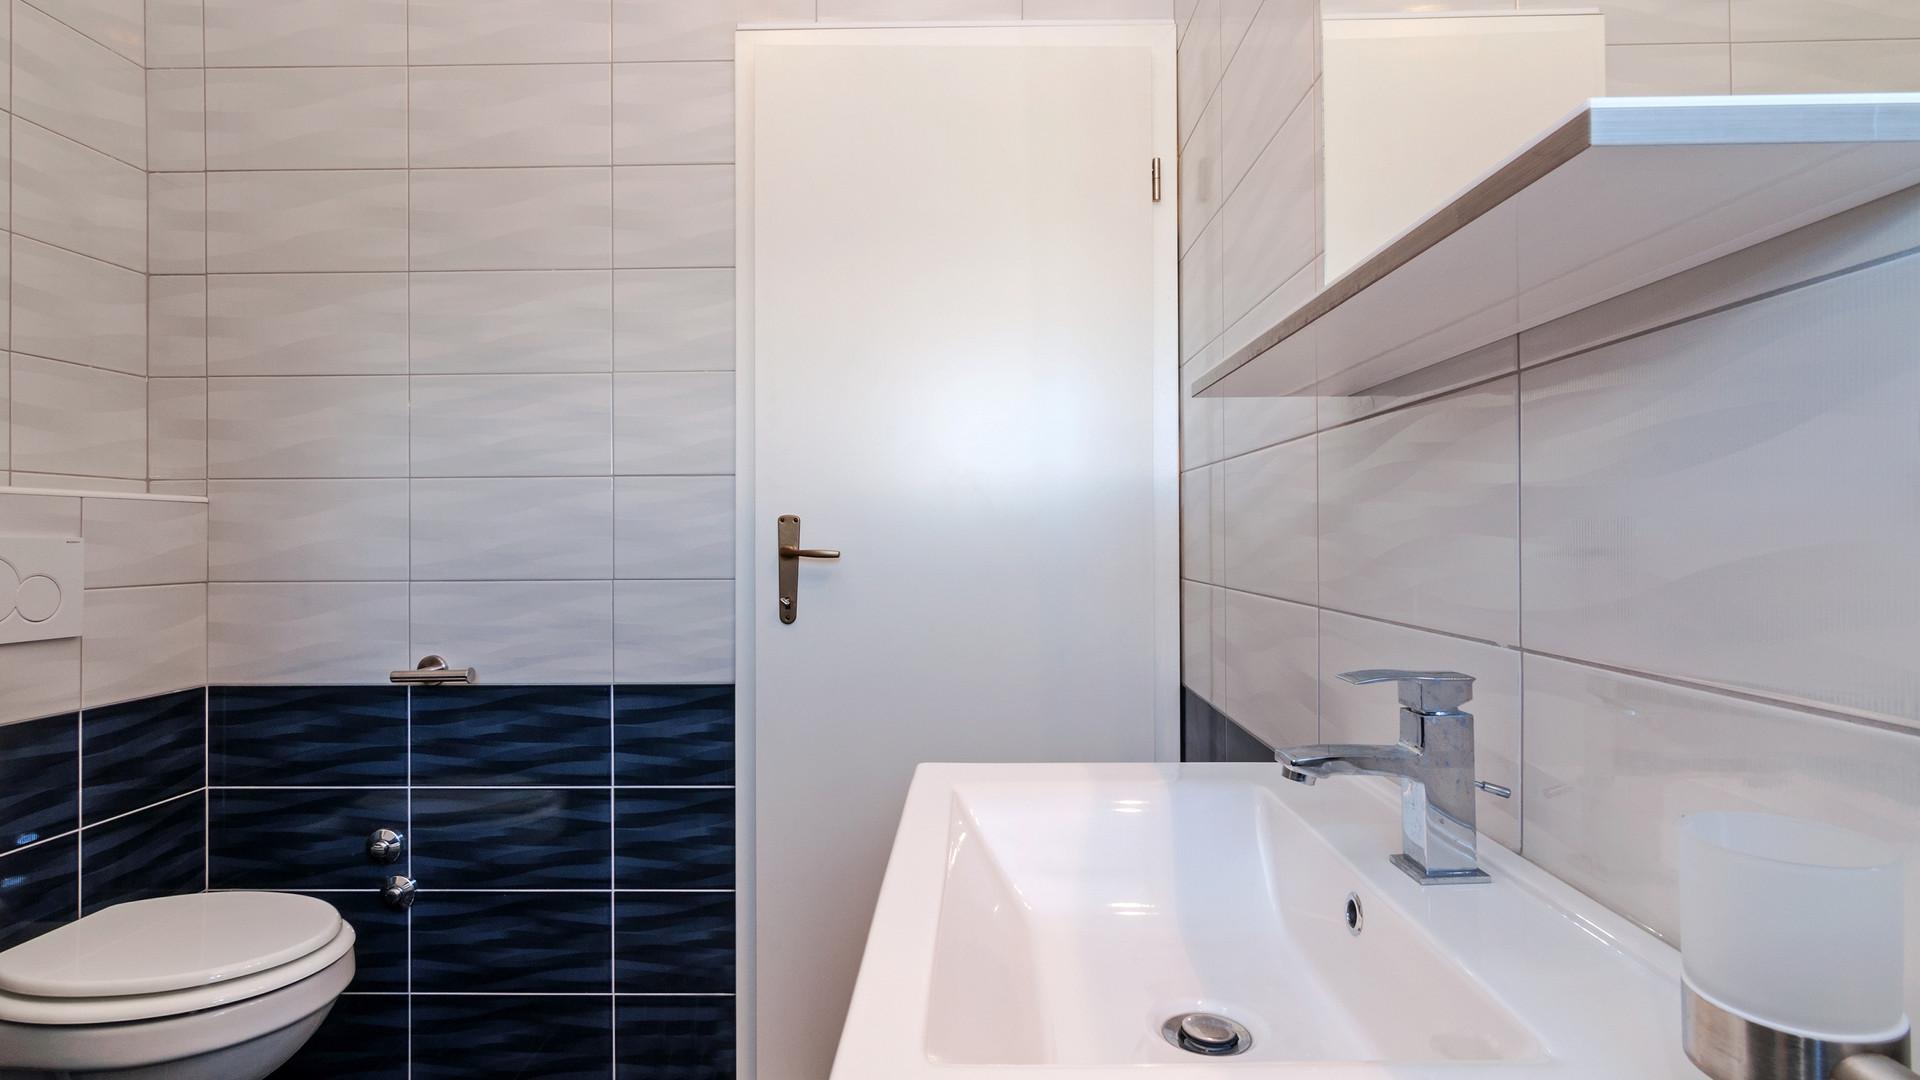 kupaona 2 maslina.jpg